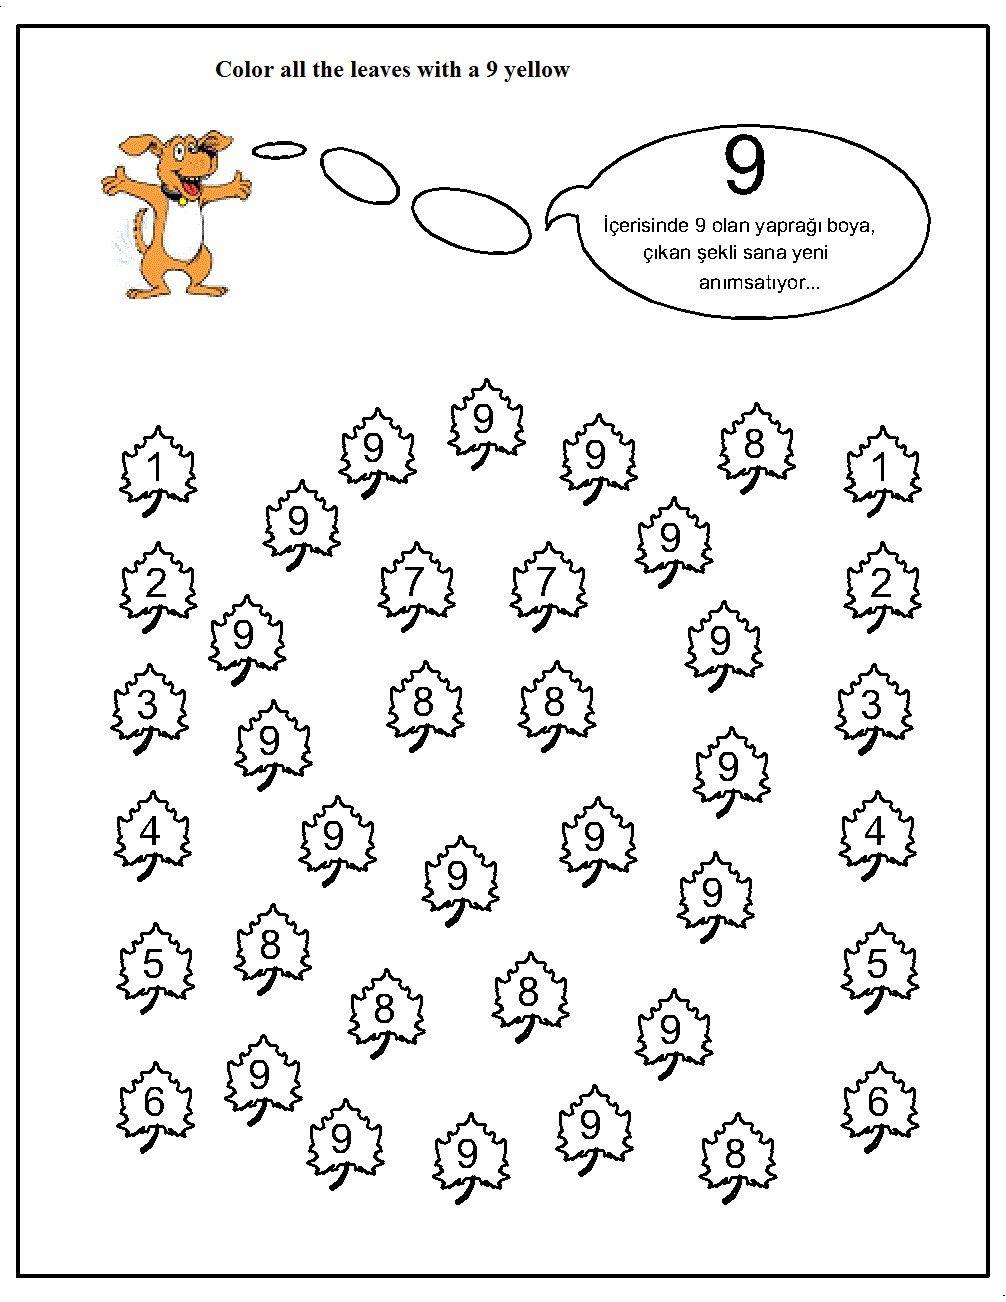 Number Hunt Worksheet For Kids 17 Crafts And Worksheets For Preschool Toddler And Kin Worksheets For Kids Preschool Worksheets Math Activities Preschool